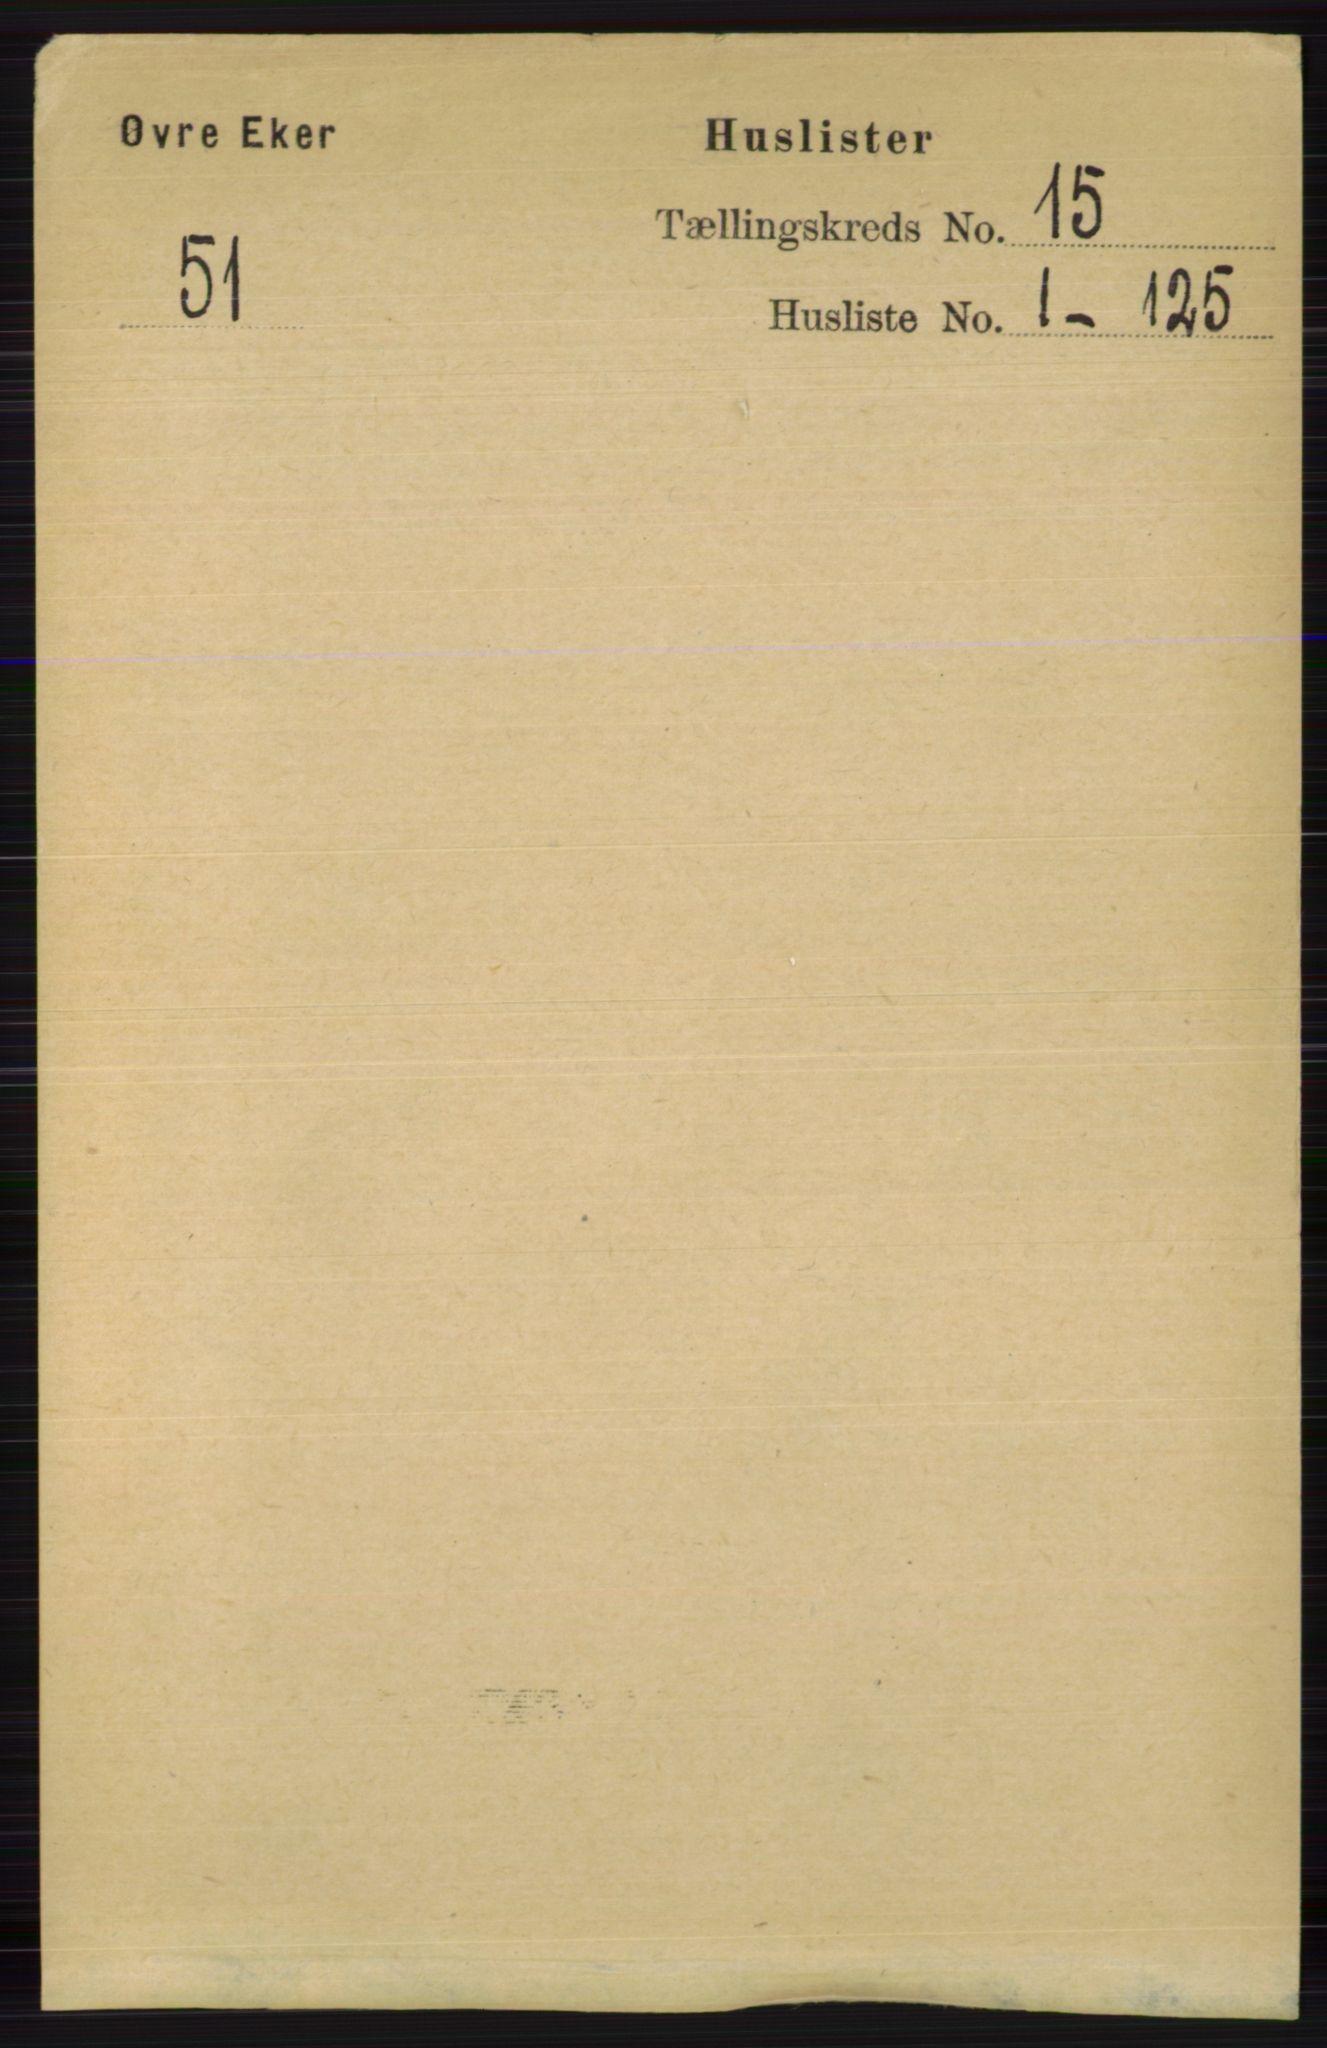 RA, Folketelling 1891 for 0624 Øvre Eiker herred, 1891, s. 6924